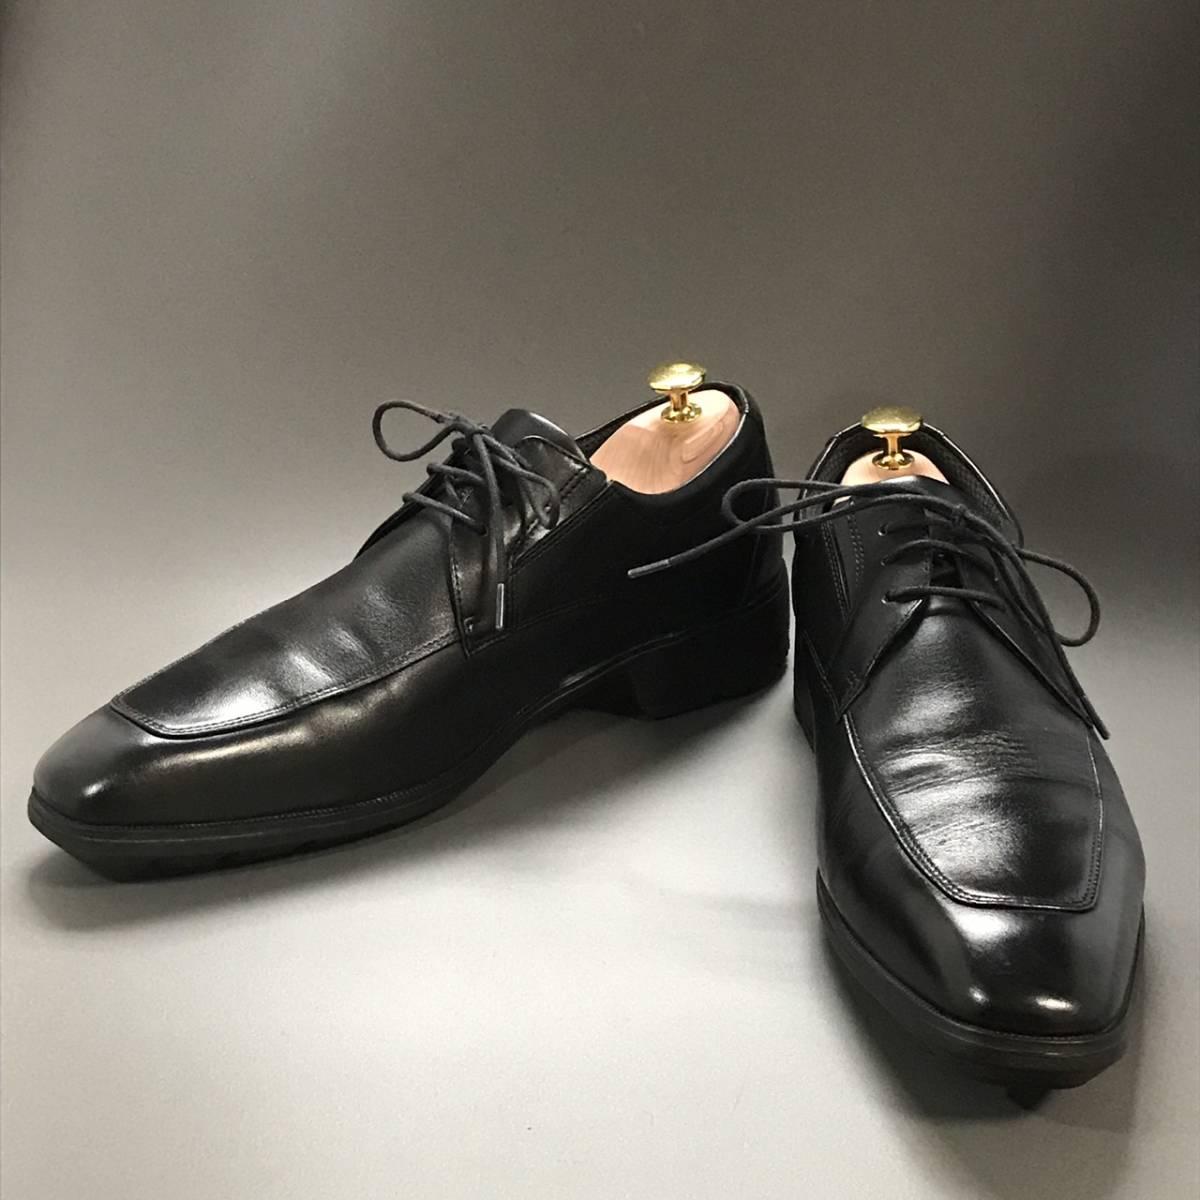 ☆ texcy luxe アシックス商事 TEXCY LUXE 本革軽量 Uチップ ブラック 26.5㎝ テクシー ビジネスシューズ 革靴